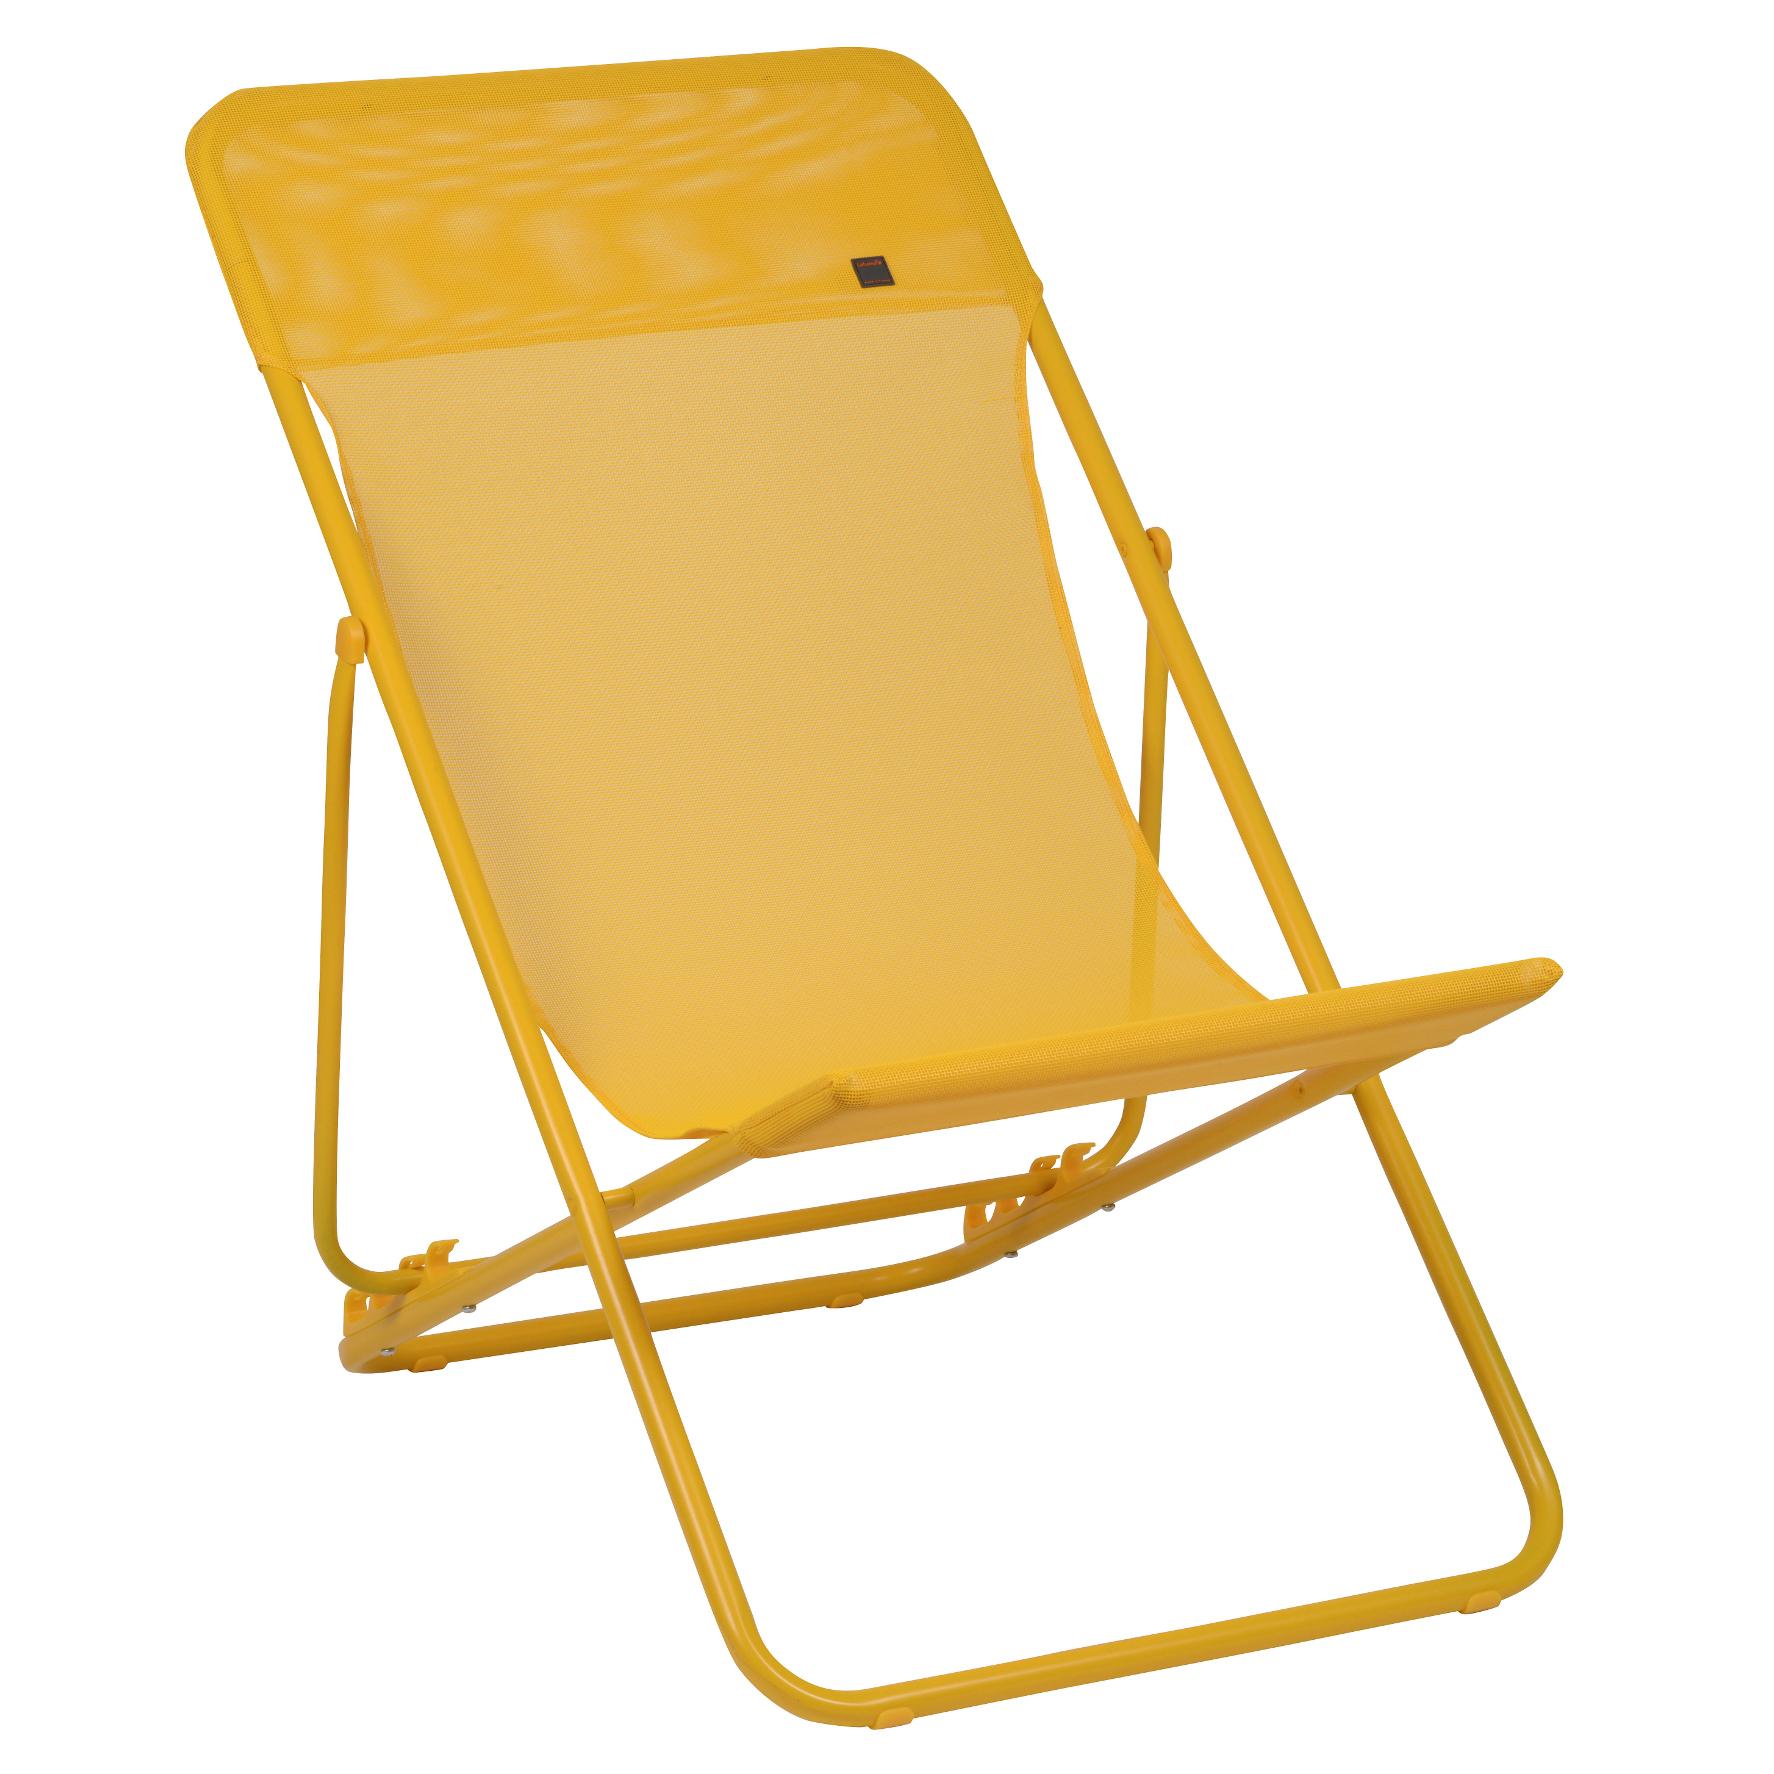 Lafuma Maxi Transat Deck Chair, Banana   SET OF 2